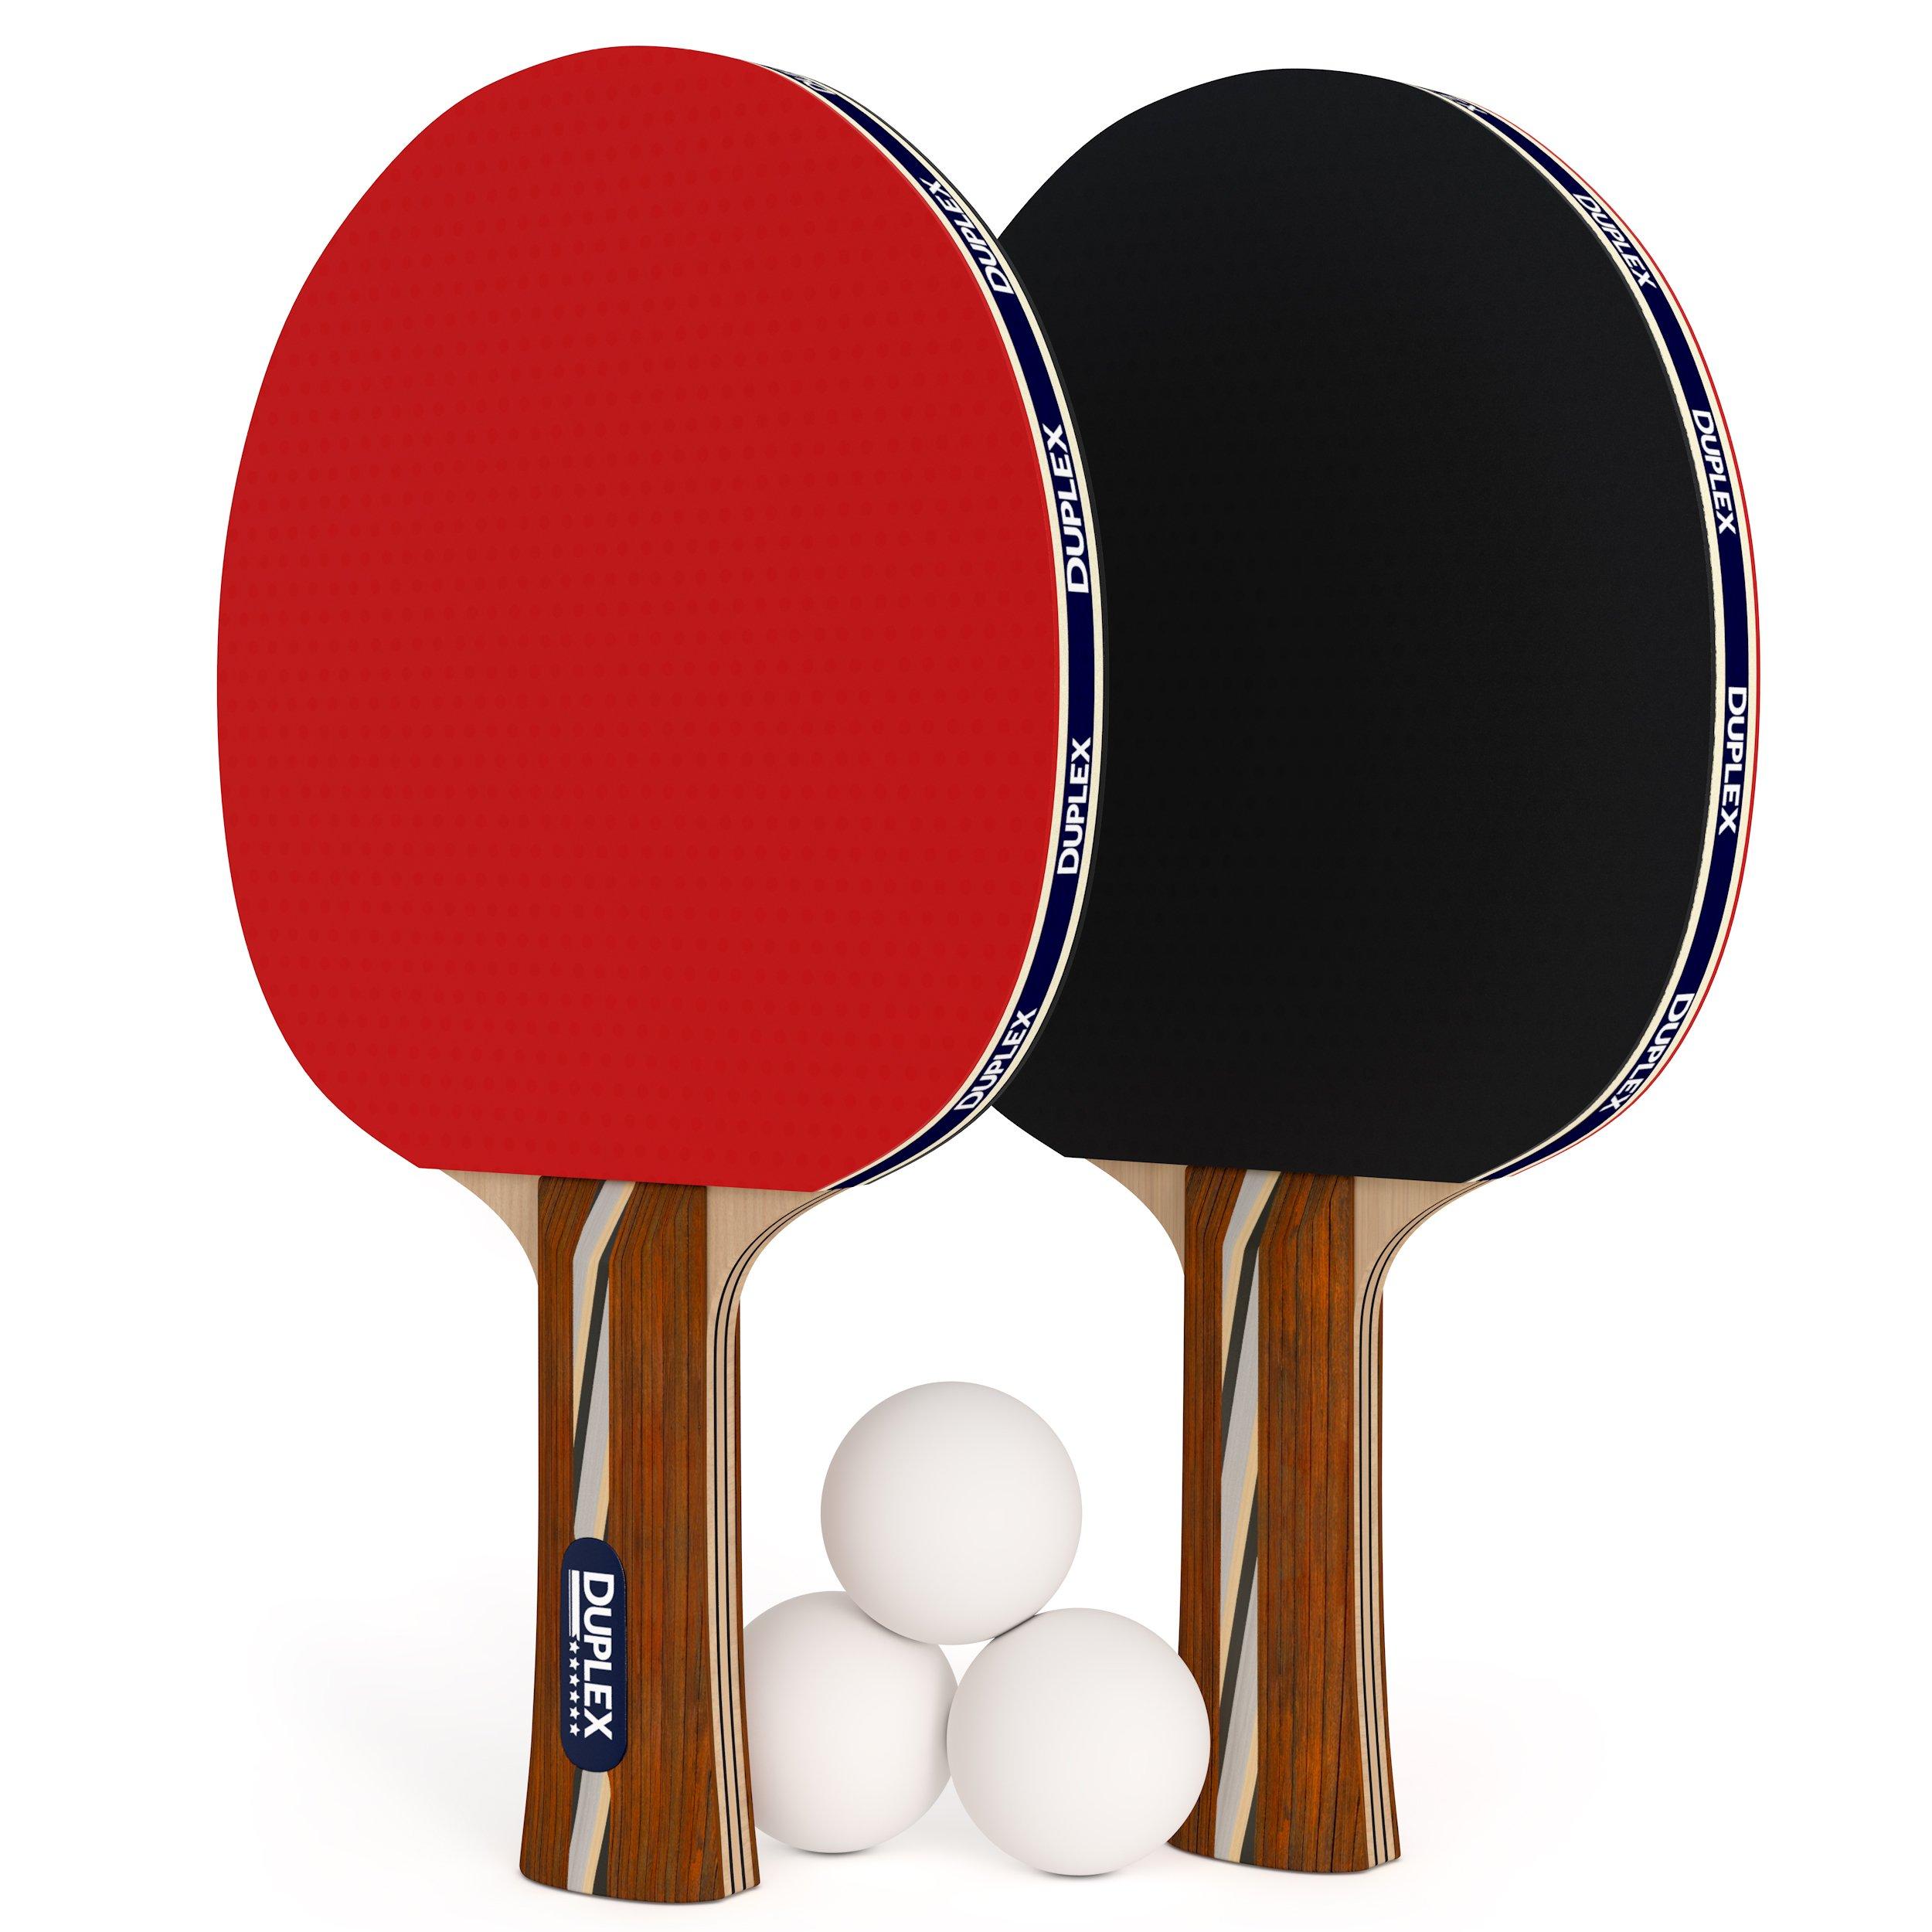 Just Crammed A Ping Pong Ball Up My Ass